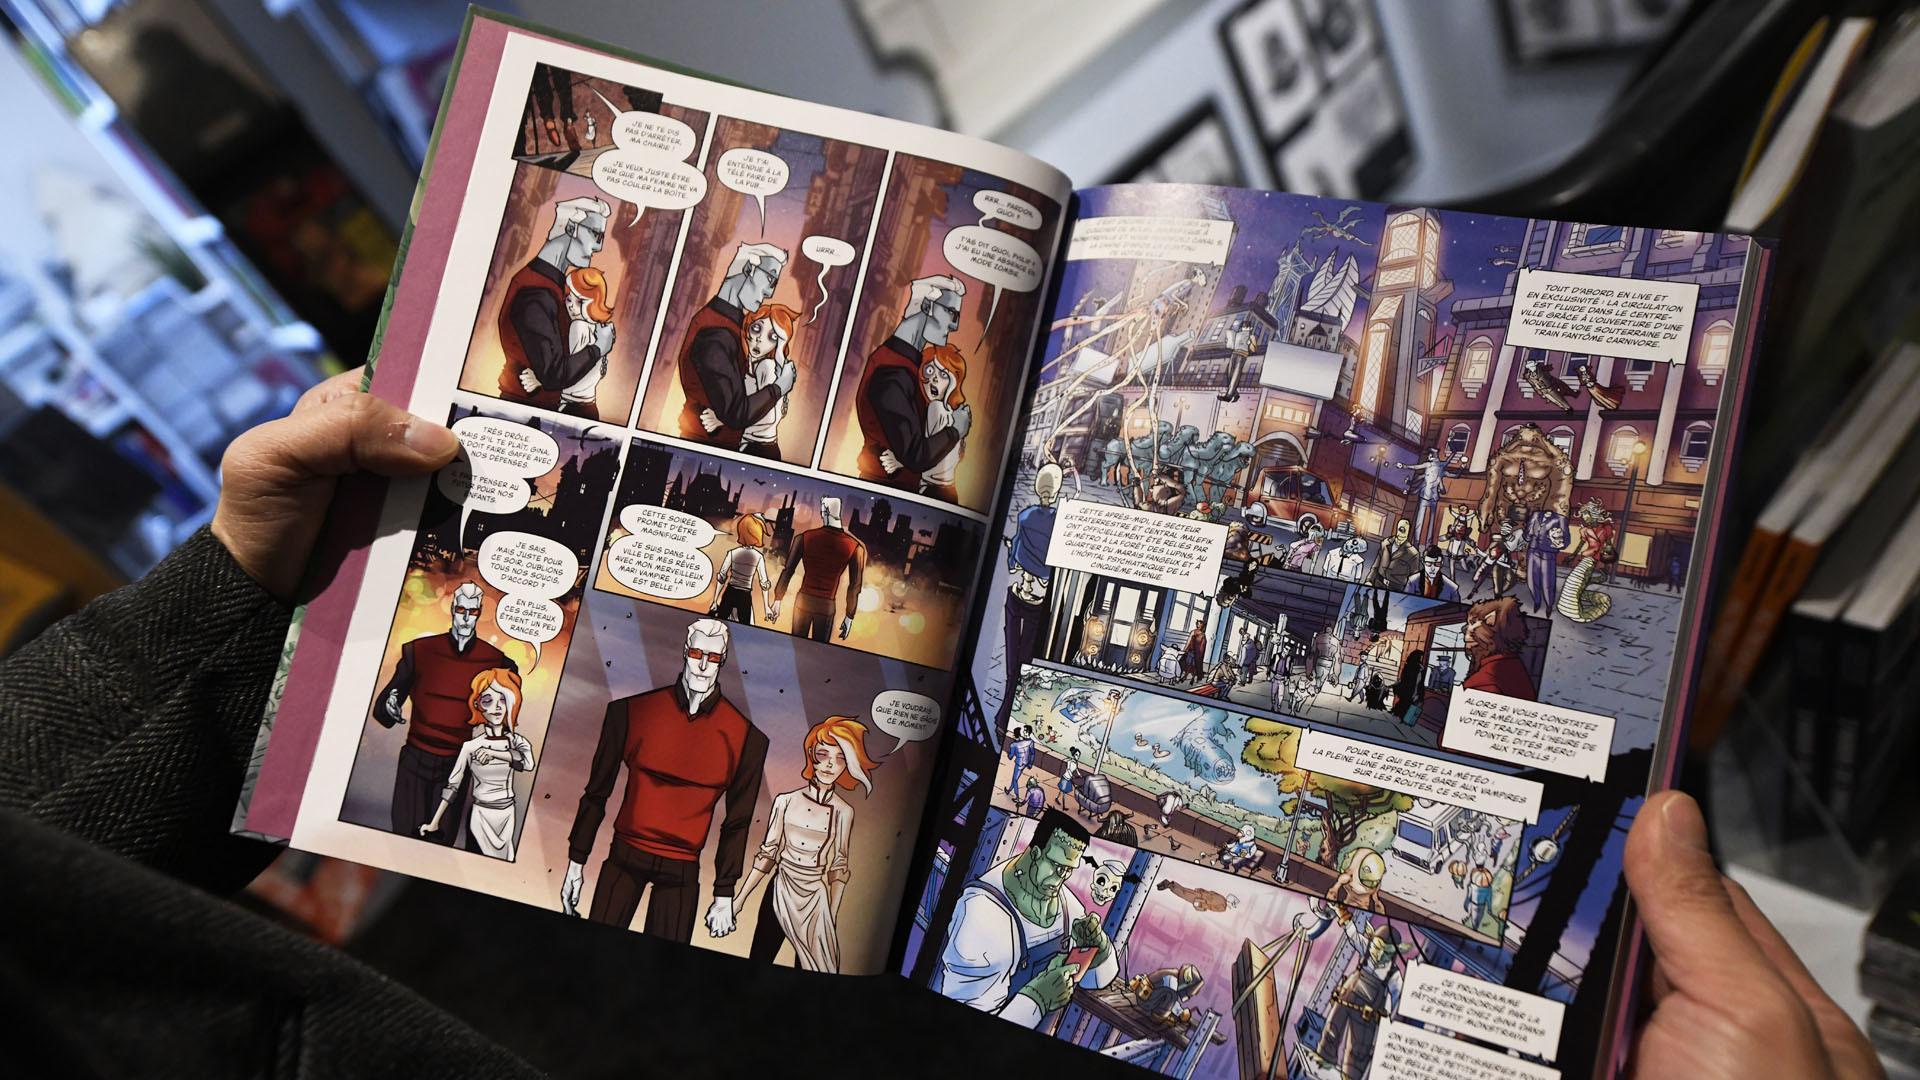 Mulhouse : l'illustrateur Frédéric Pham Chuong expose ses oeuvres : choisi sur une planche test pour boulevard des monstres